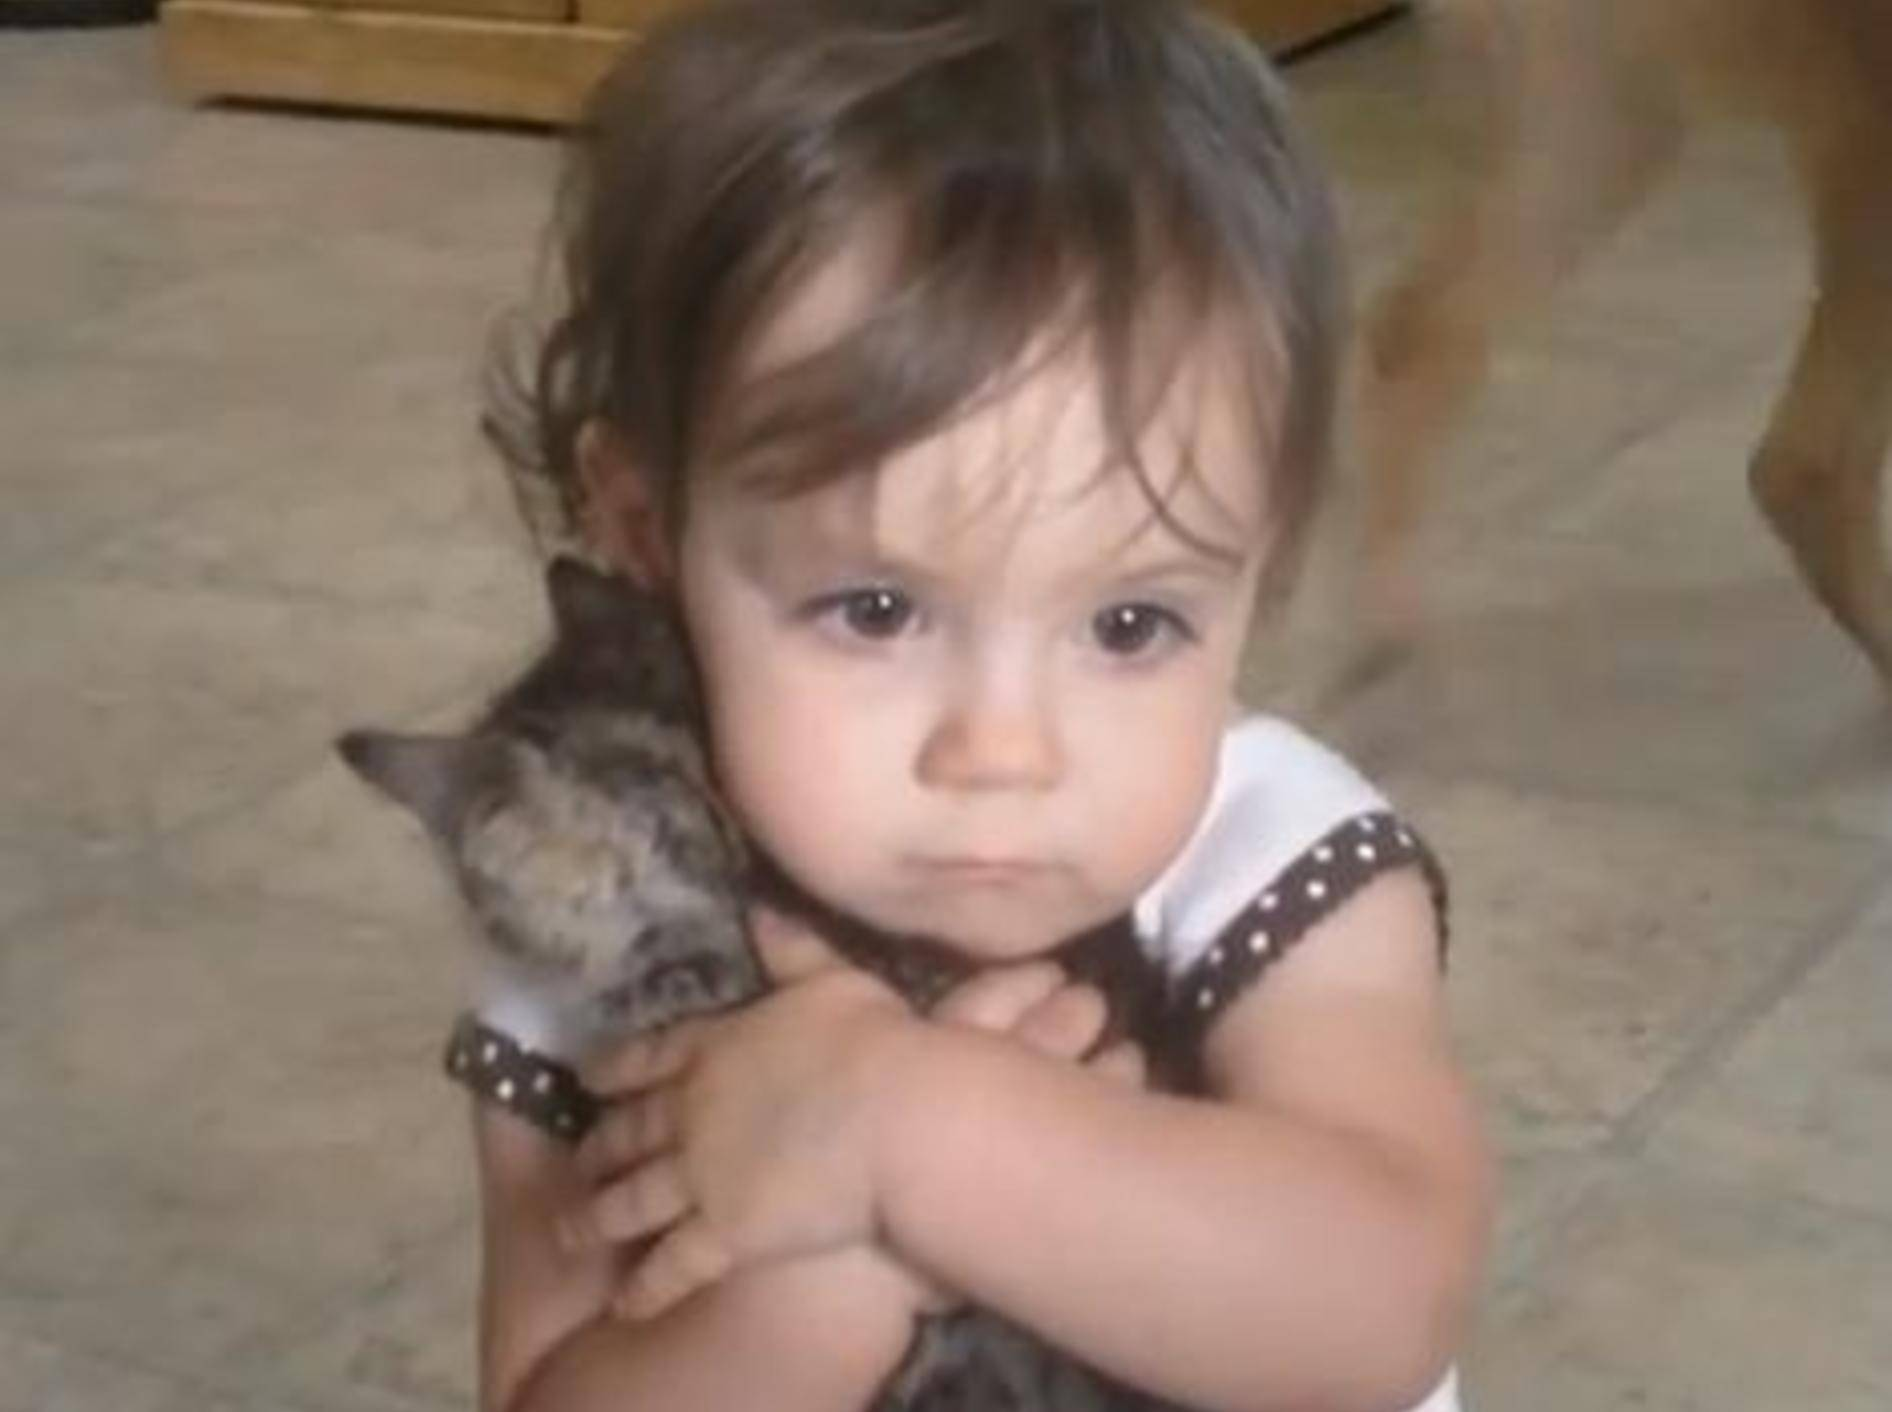 Kuscheliges Dreamteam: Kind und Kätzchen — Bild: Youtube / DevinandErica